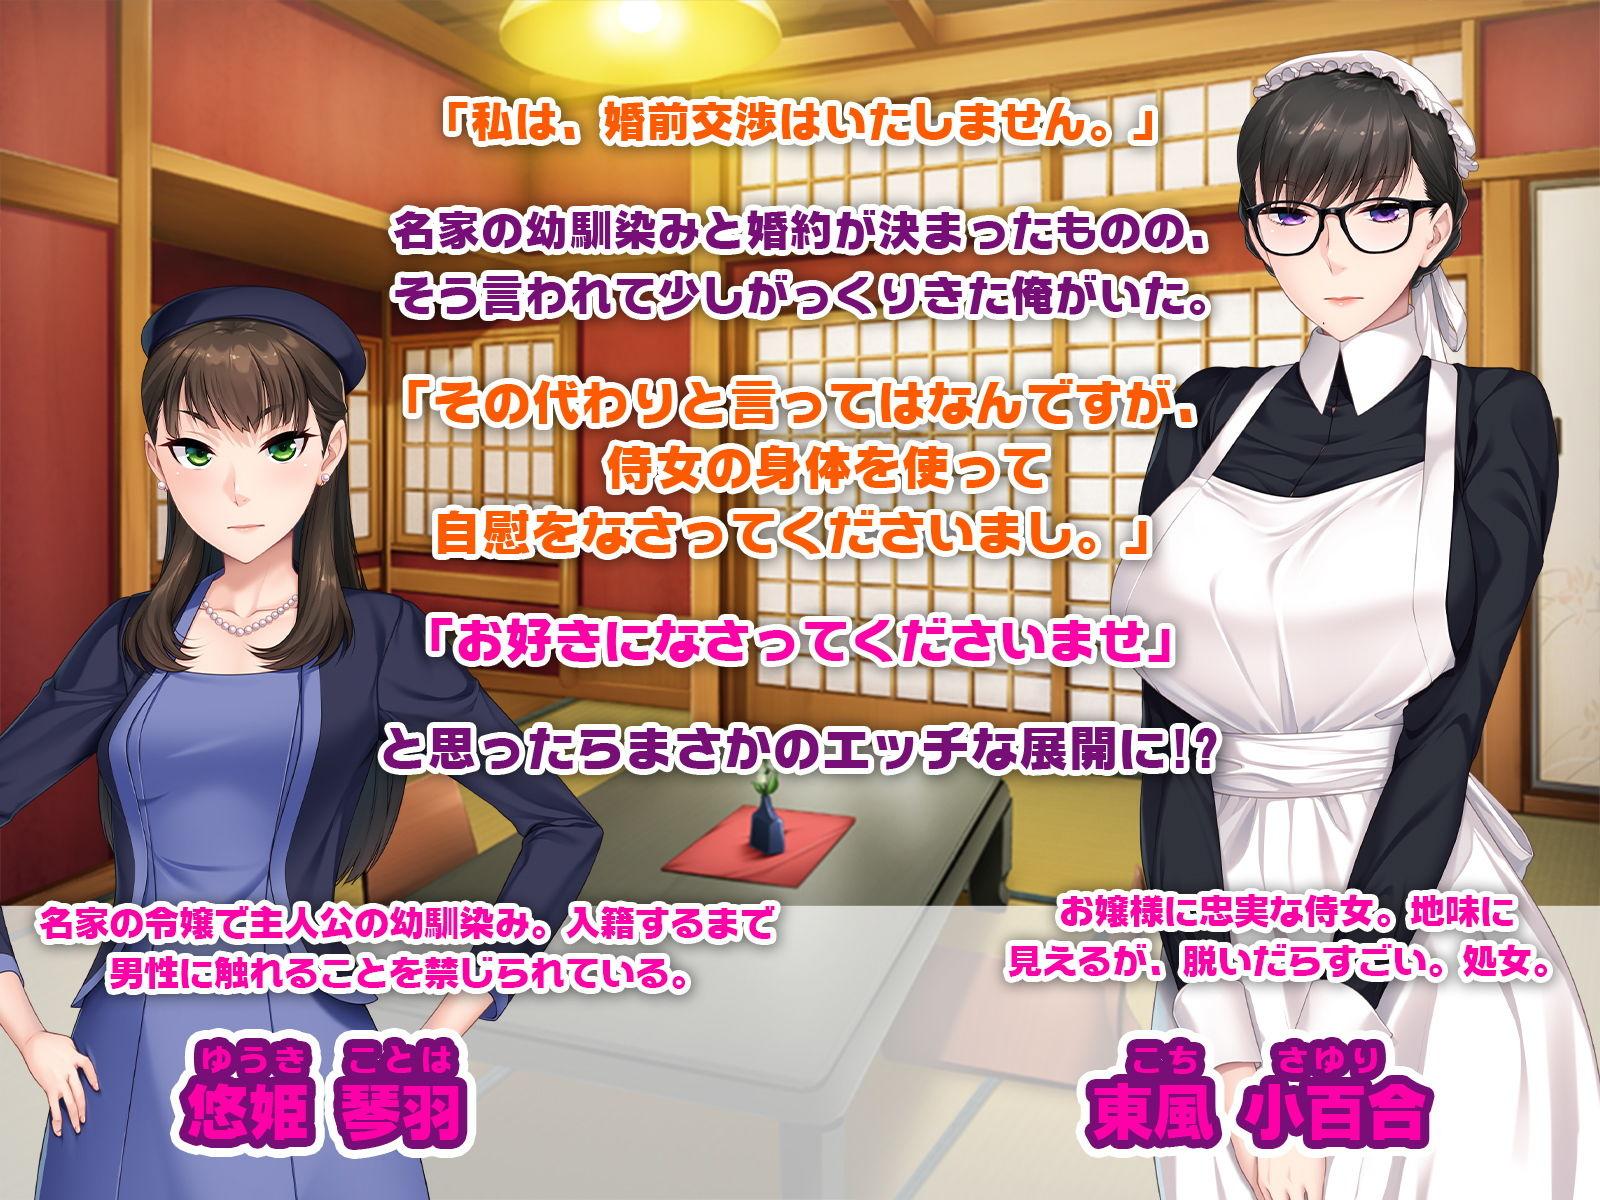 期間限定!CG集2作品セット ~侍女とメイドのご奉仕えっち~ エロ画像